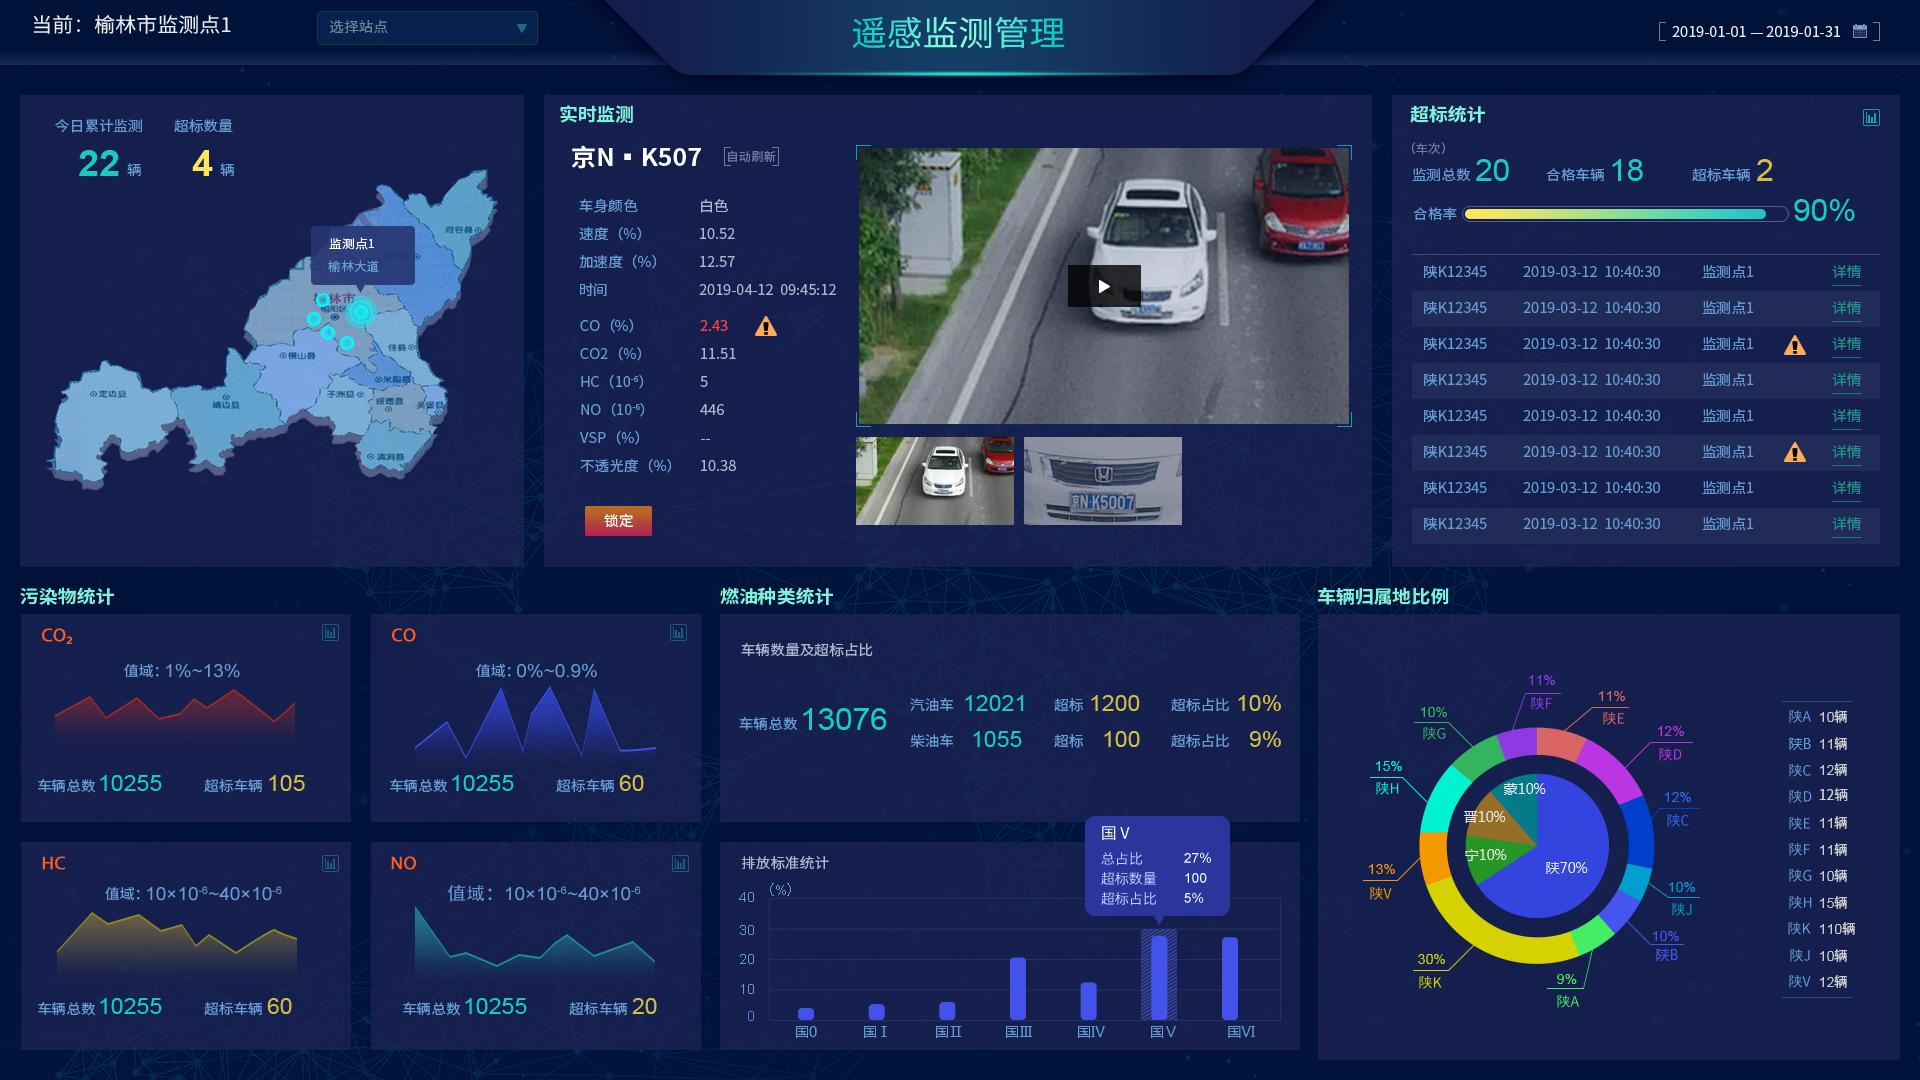 大数据展示数据可视化大数据UI设计网页设计大屏软件界面设计